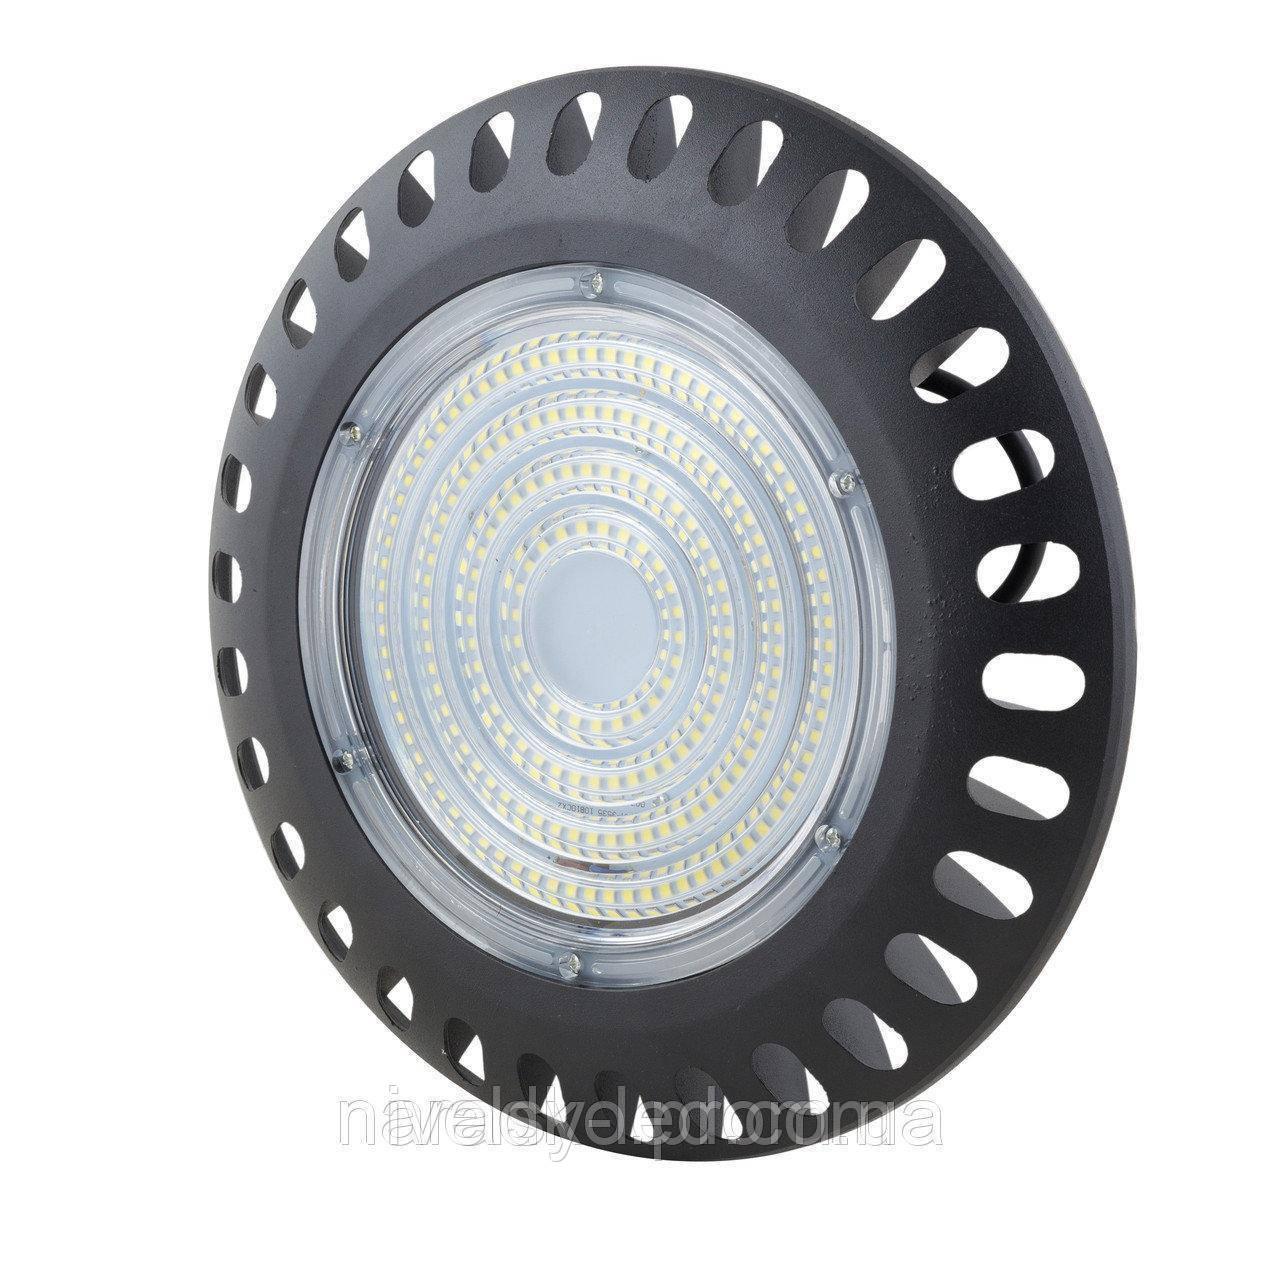 Светильник светодиодный для высоких потолков ЕВРОСВЕТ 200Вт 6400К EB-200-03 20000Лм